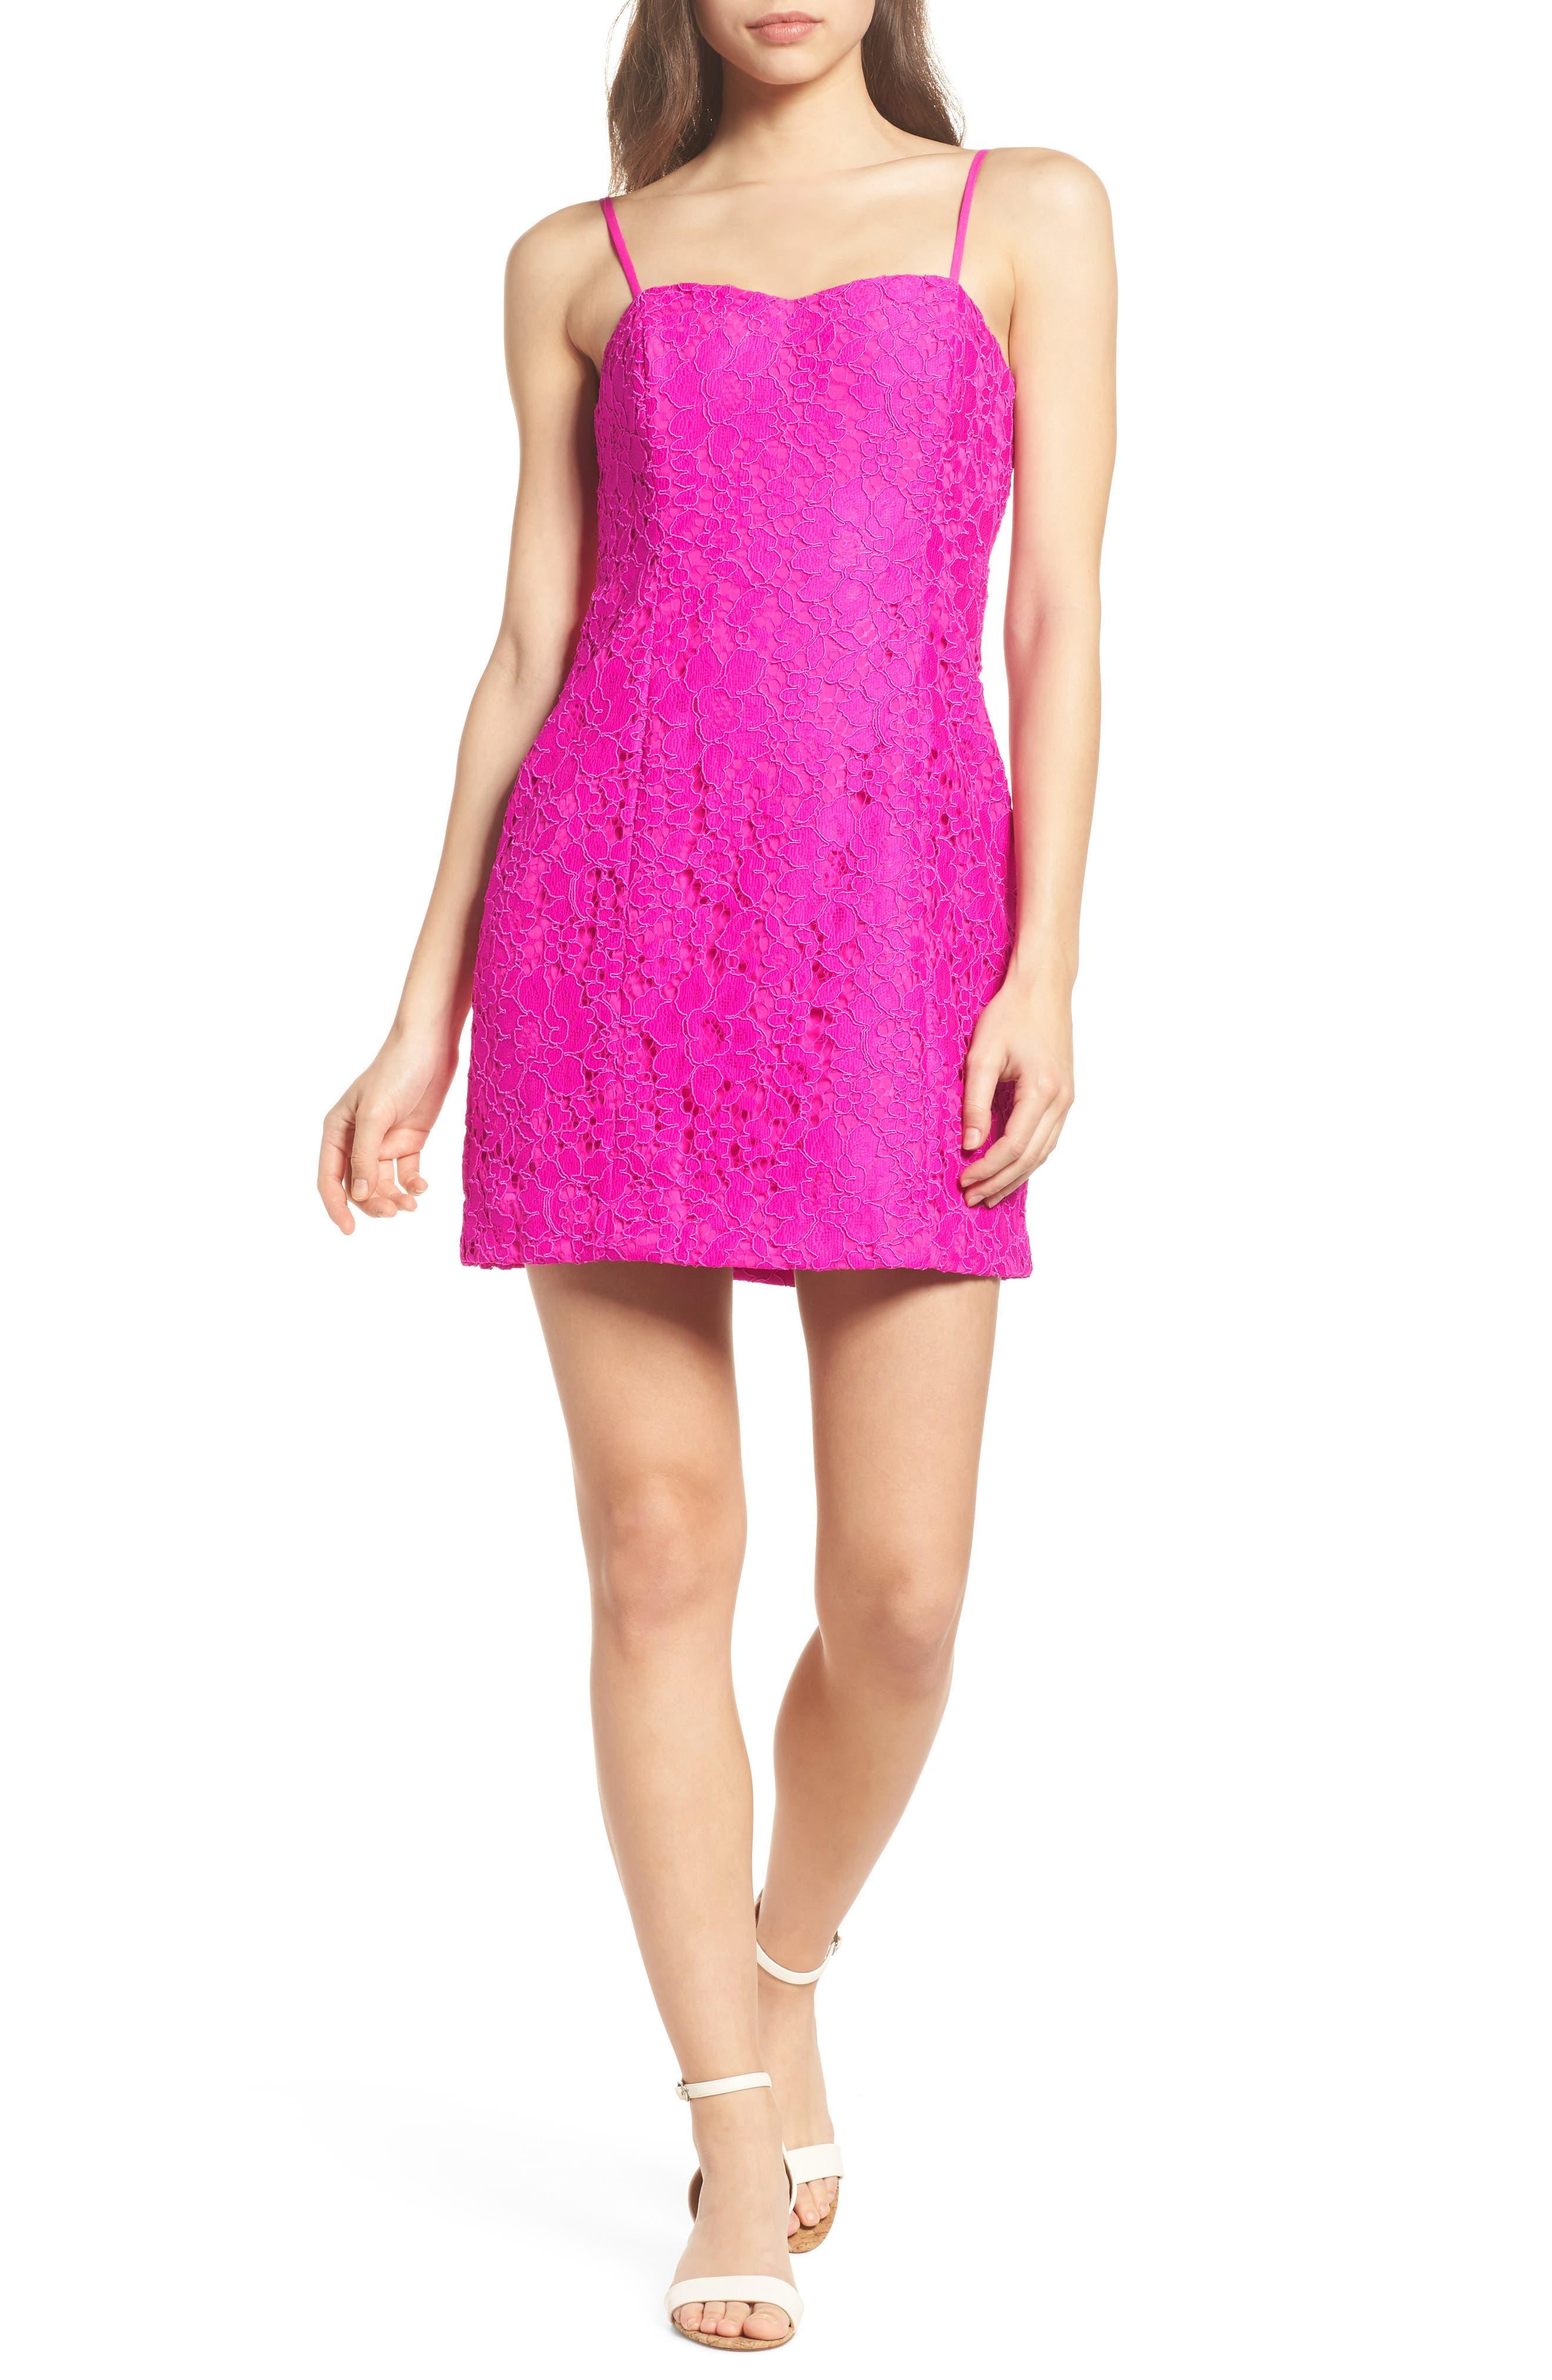 Demi Lace Dress,                             Alternate thumbnail 5, color,                             BERRY SANGRIA FLORAL LACE